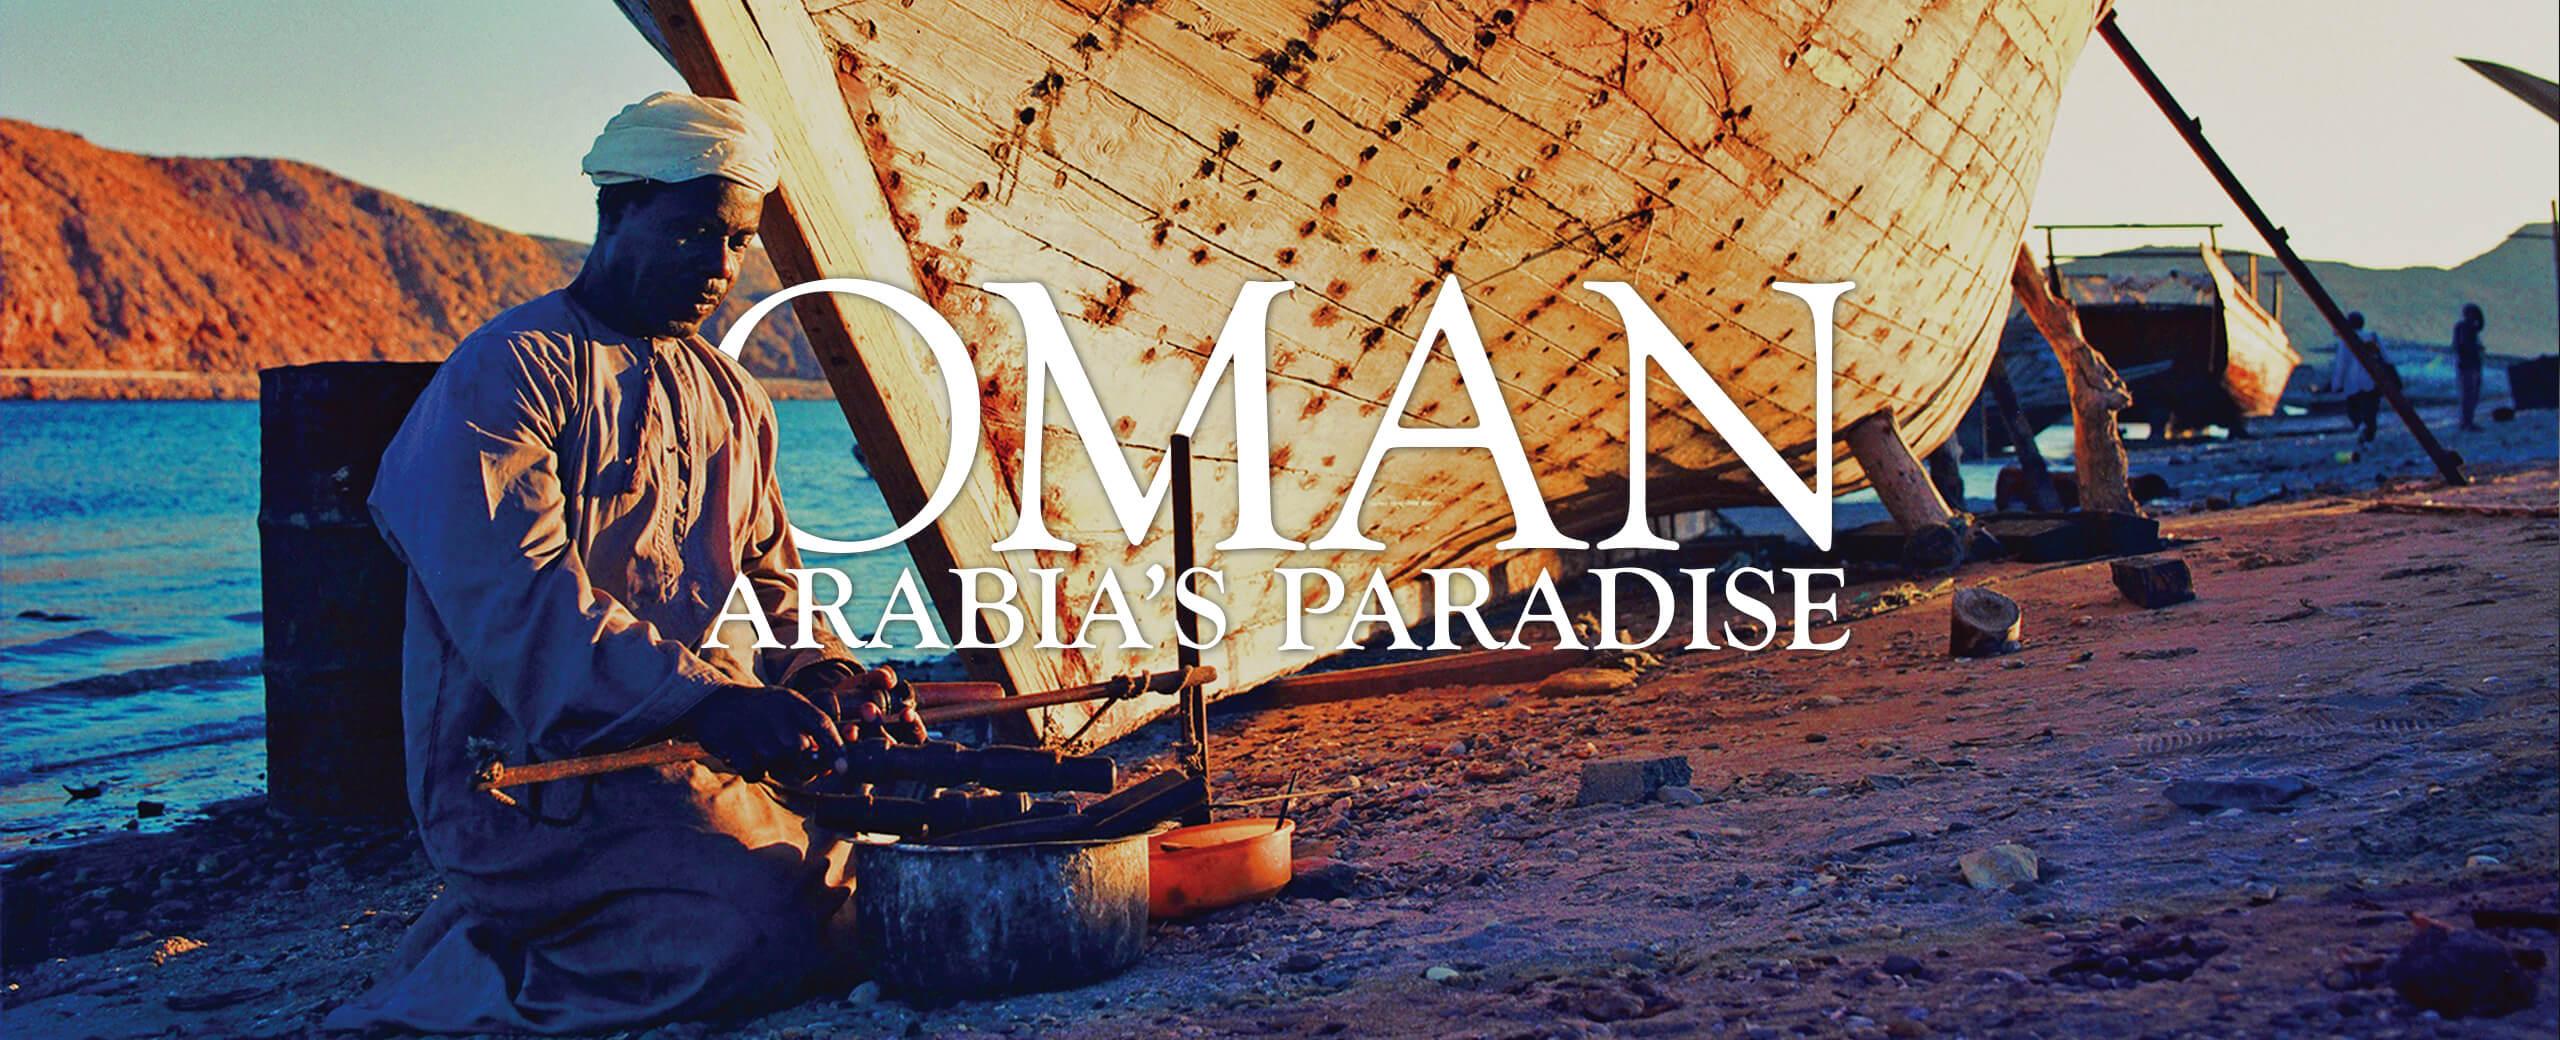 Header Oman Arabias Paradise arabisch aussehender Mann am Wasser macht Feuer